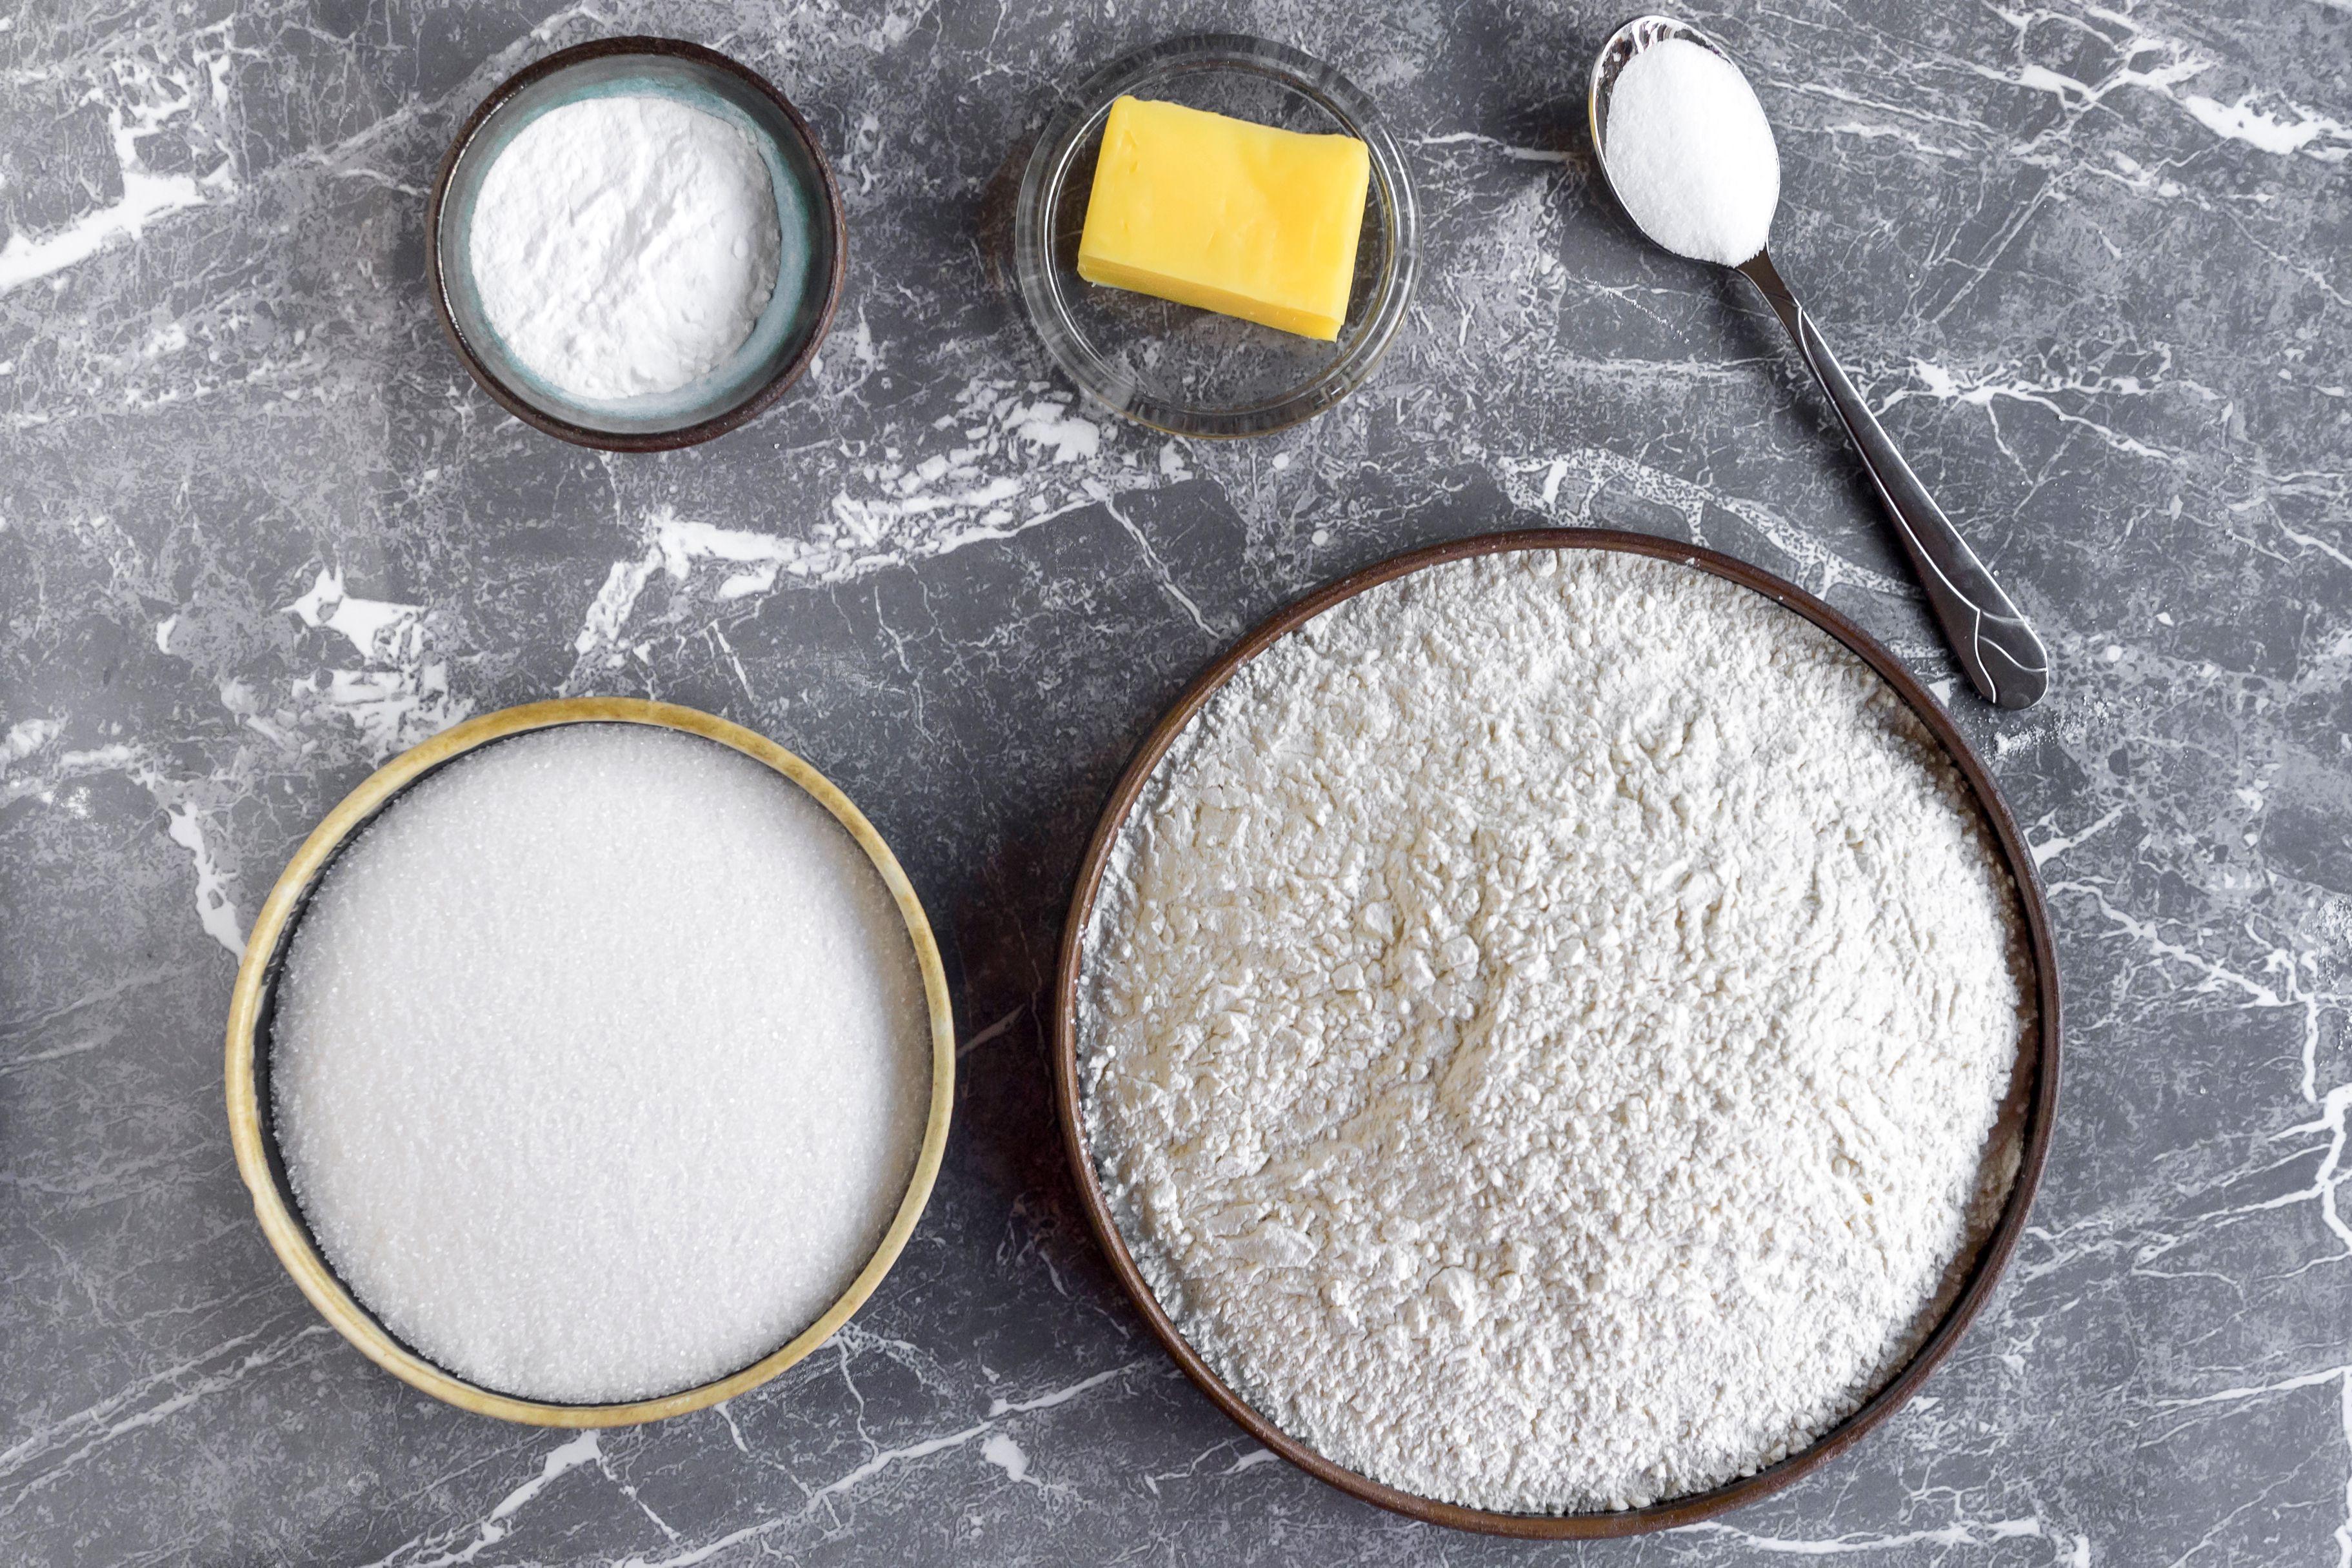 Homemade cake mix recipe ingredients